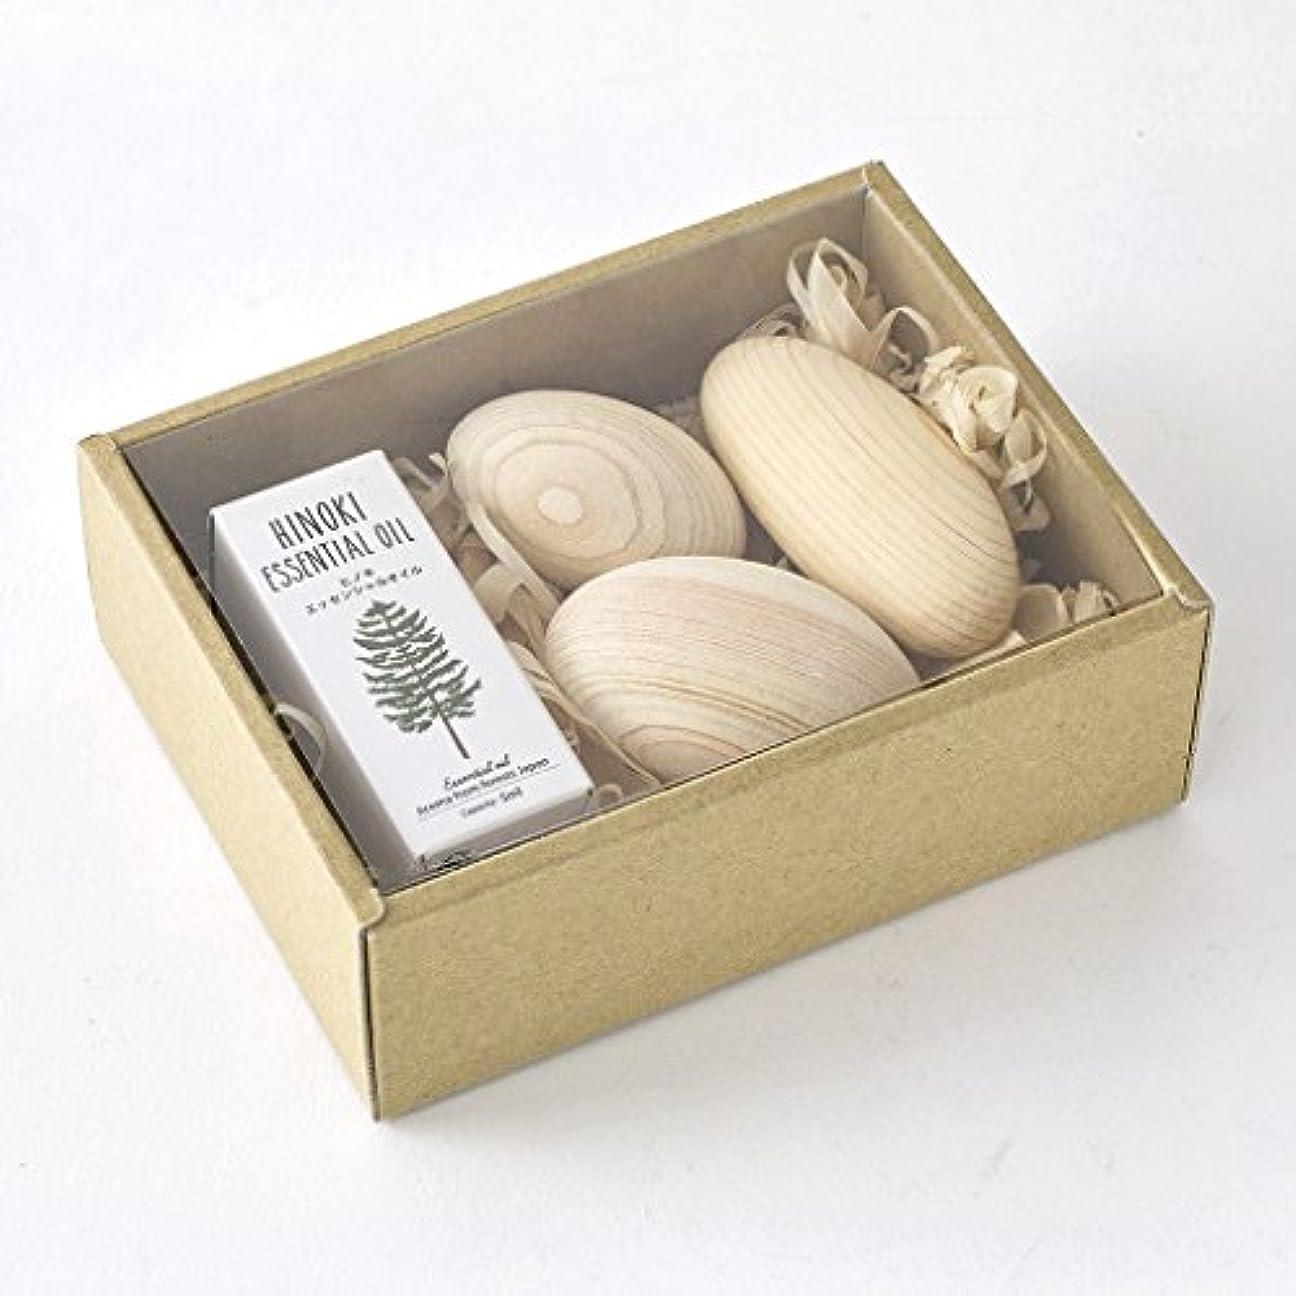 パットステップはさみSPICE OF LIFE アロマオイル&ウッドボールセット ヒノキ 木曽ヒノキ 天然精油 香り 癒し リラックス 日本製 YKLG8010SET